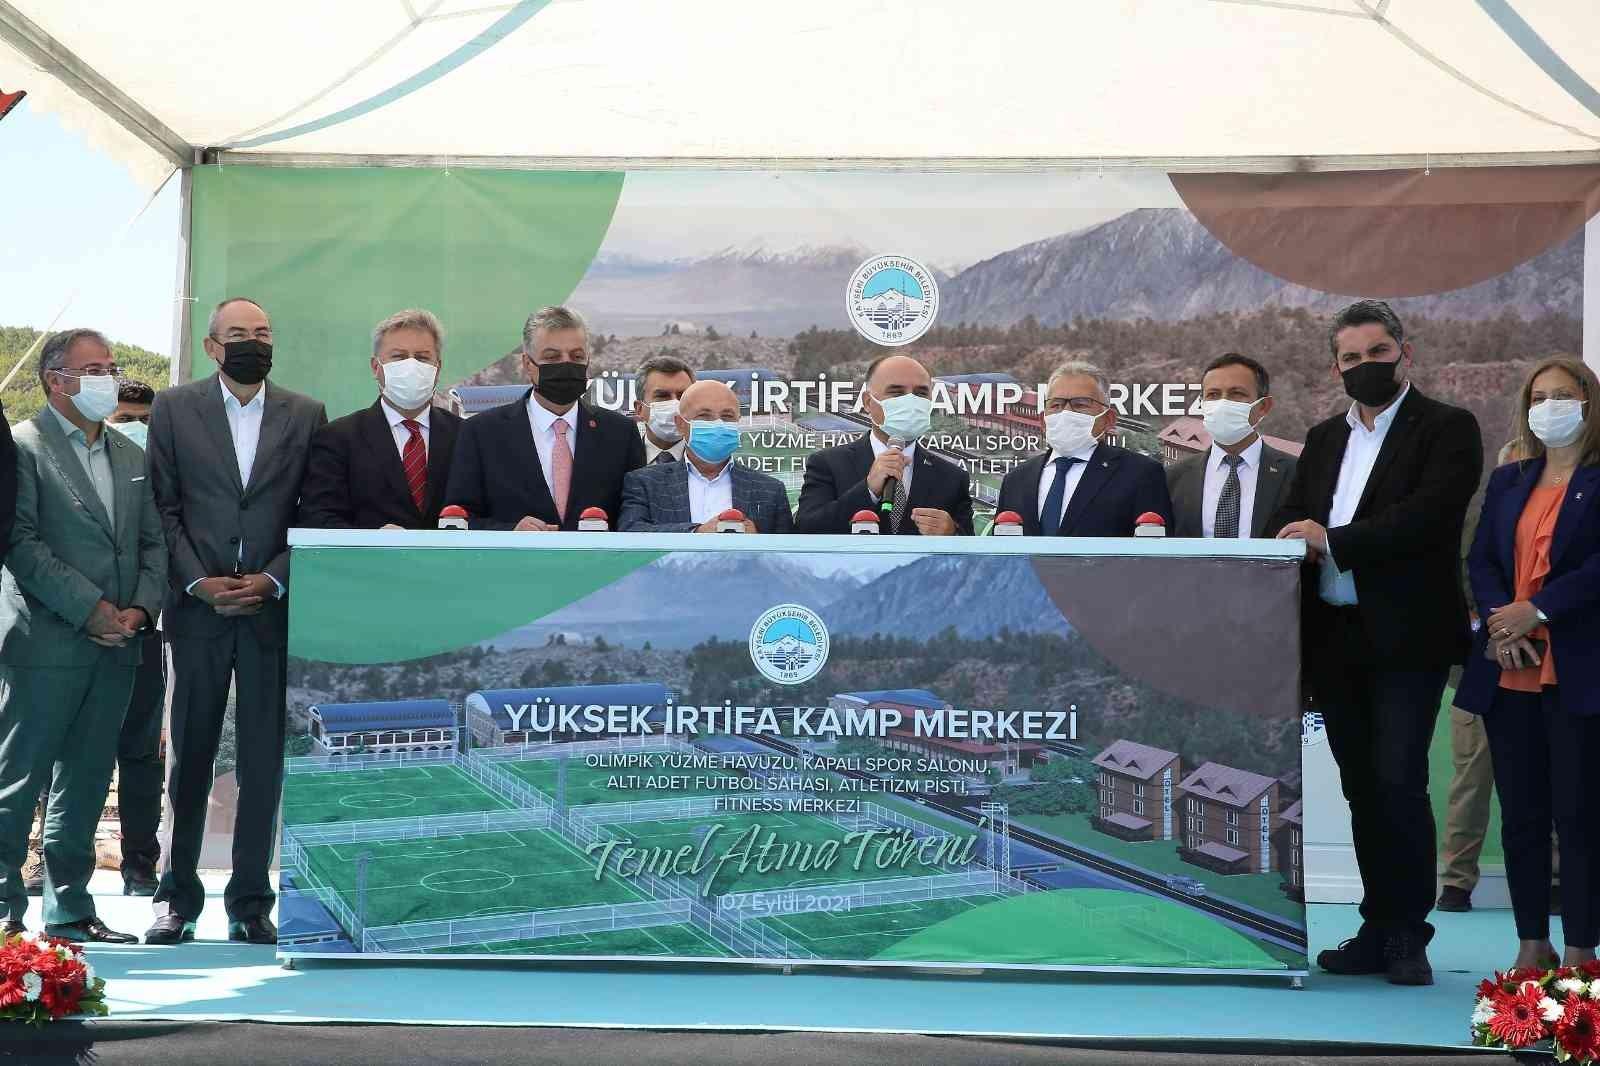 Kayseri Büyükşehir Belediyesi'nden 1 ayda 8 temel atma 4 açılış